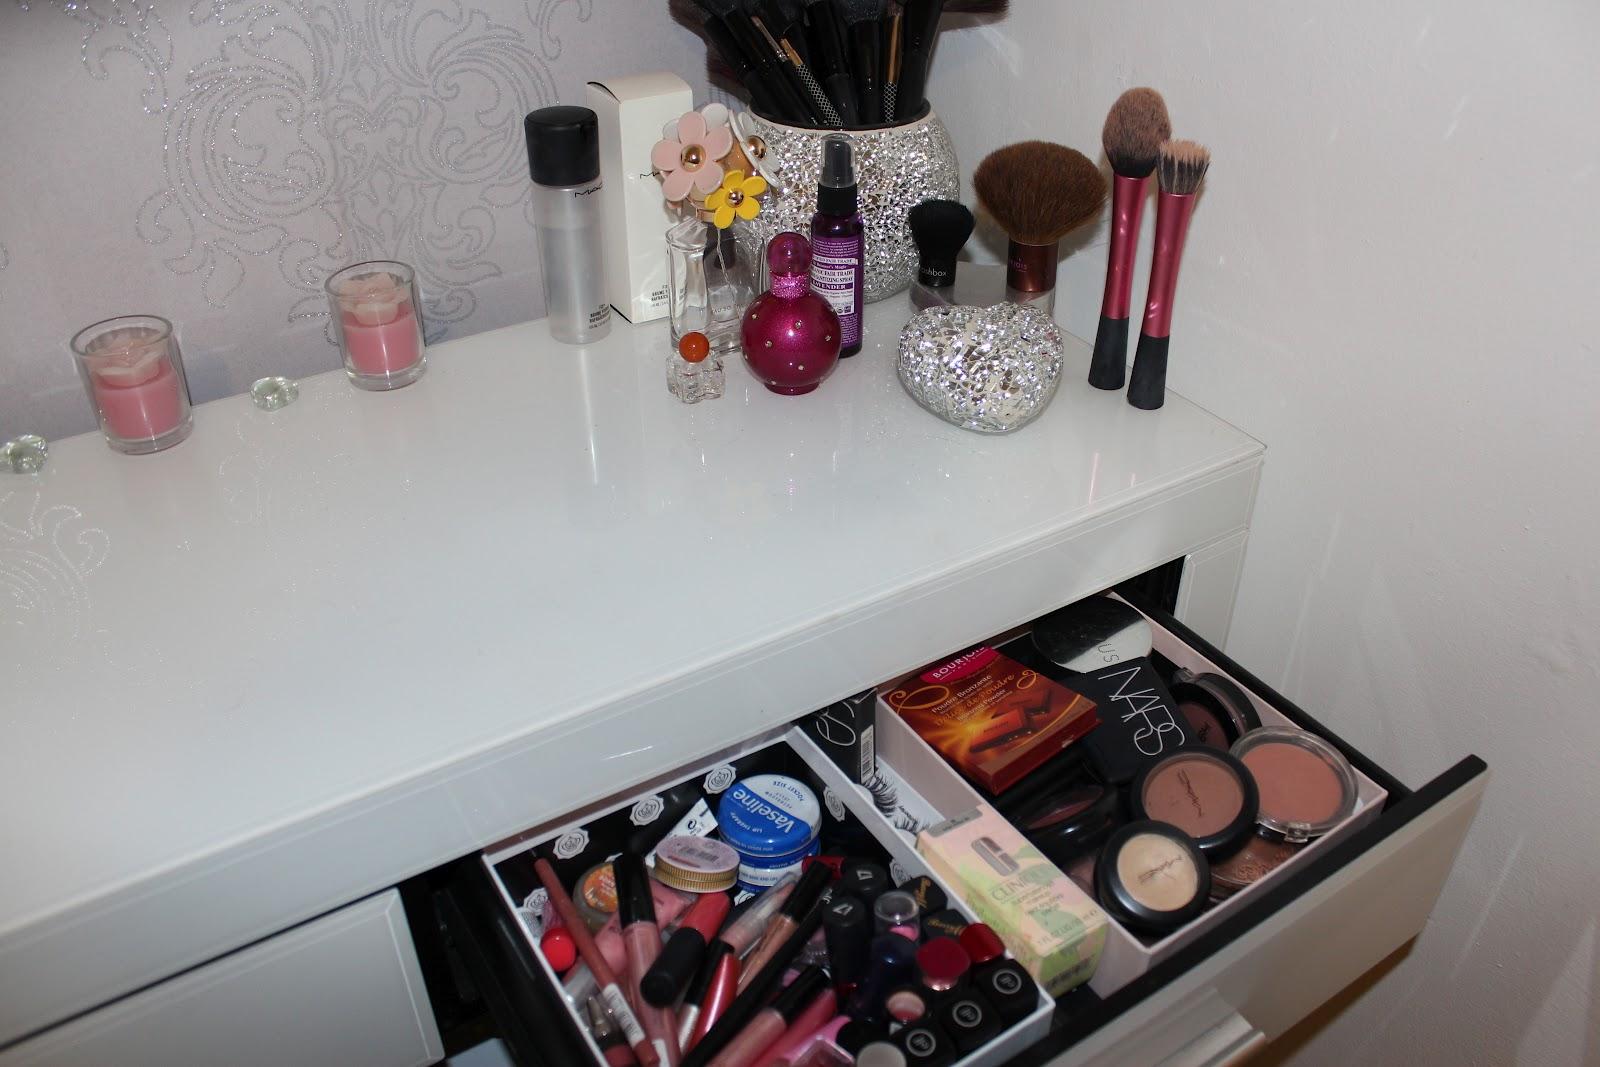 Sophia x*: Dressing Table (Vanity) Set Up